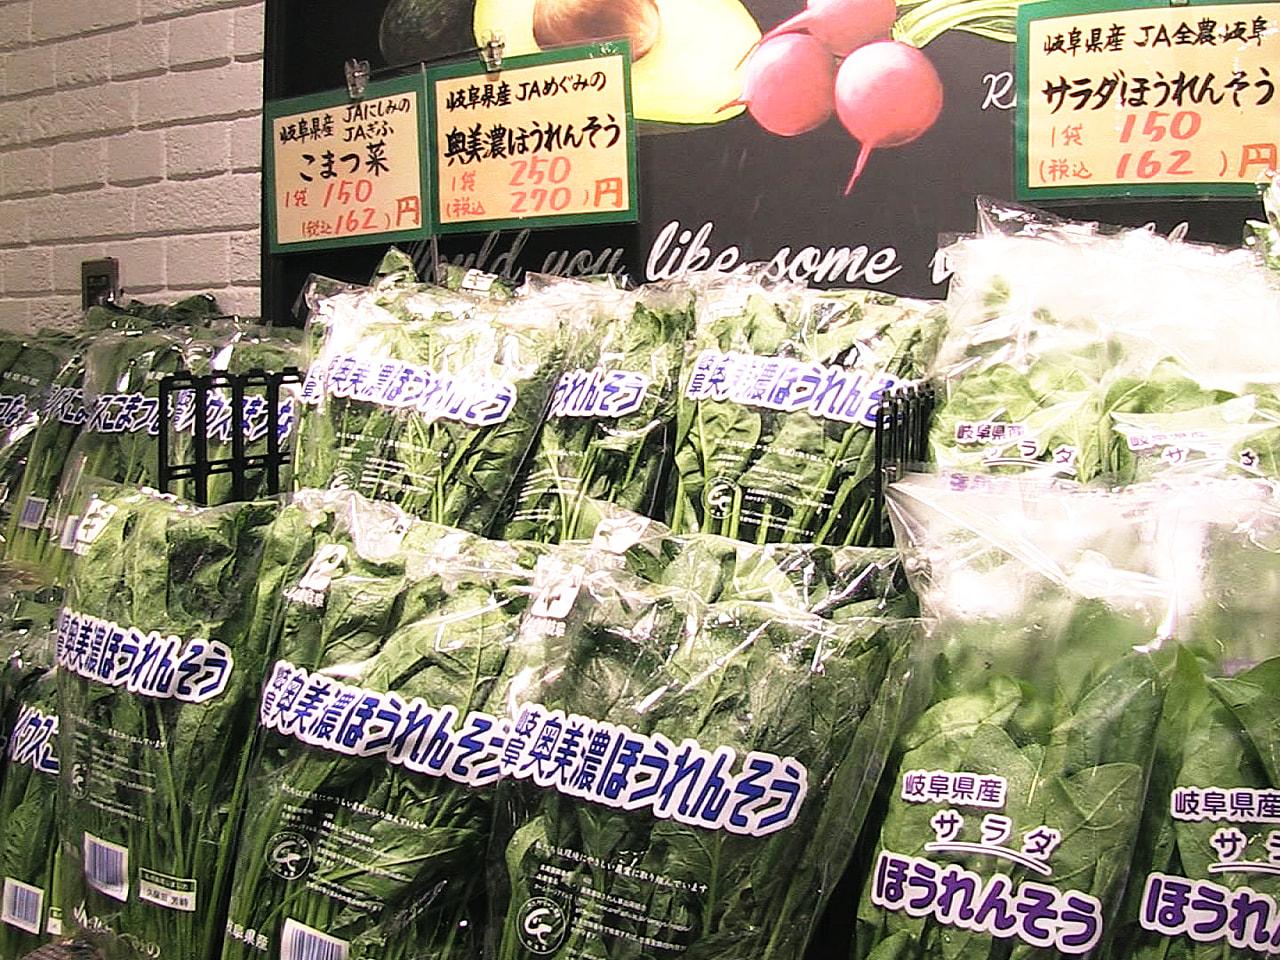 この夏の記録的な大雨の影響で食卓に暗い影を落としています。 岐阜県内でも野菜の価...